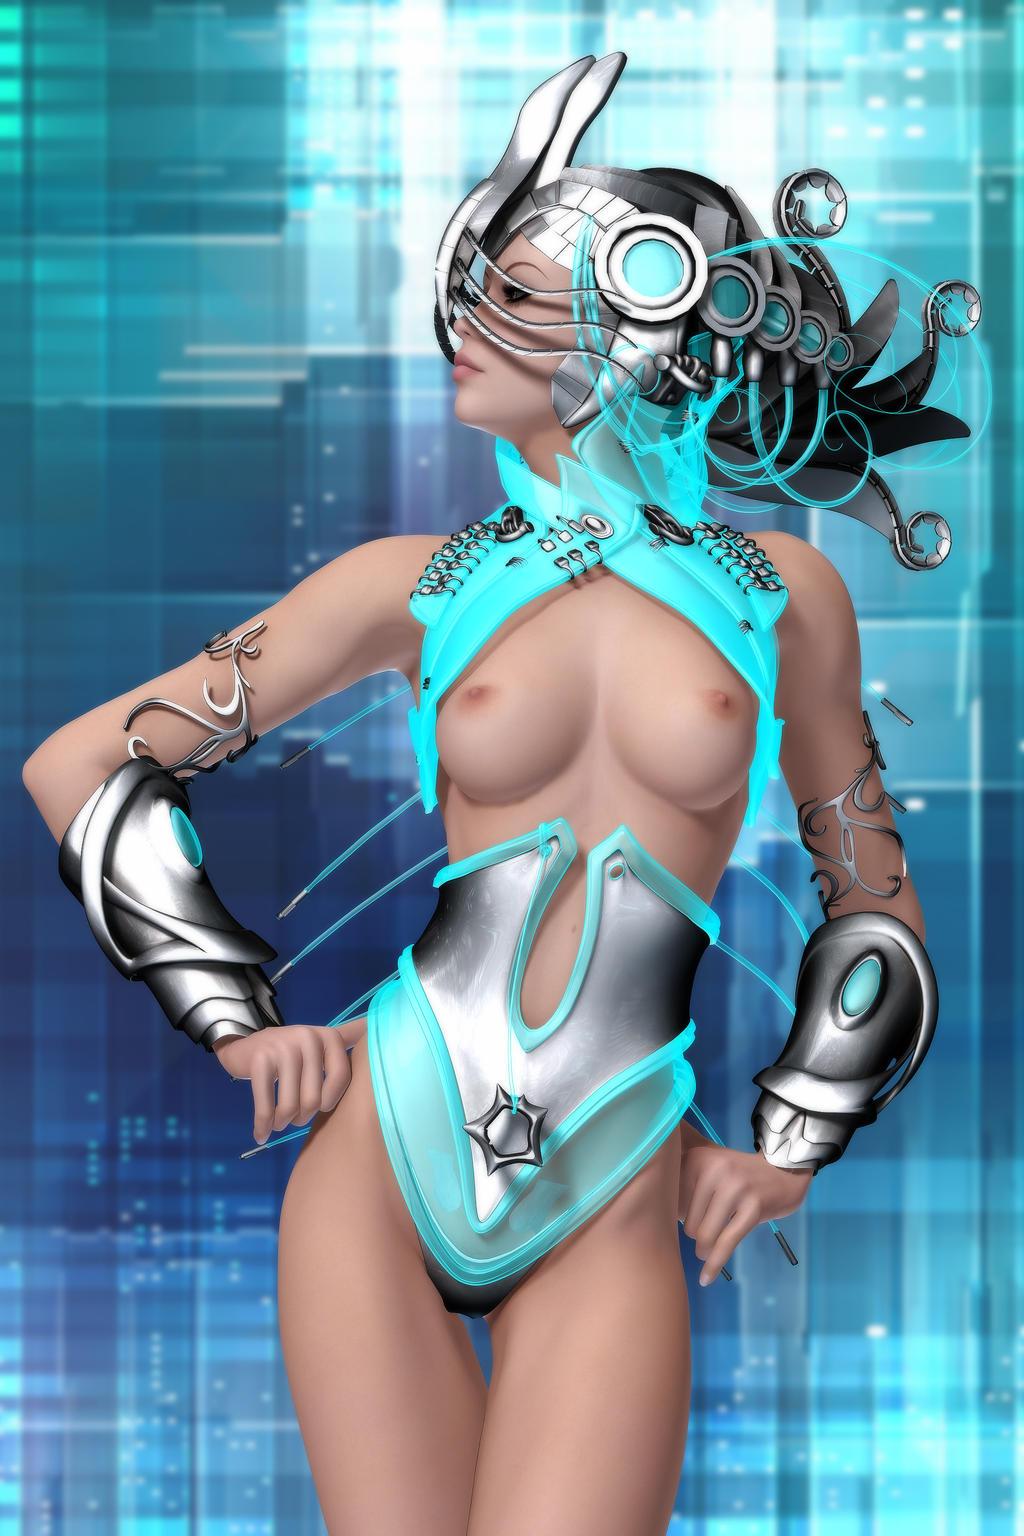 Cyborg naked pics — img 6